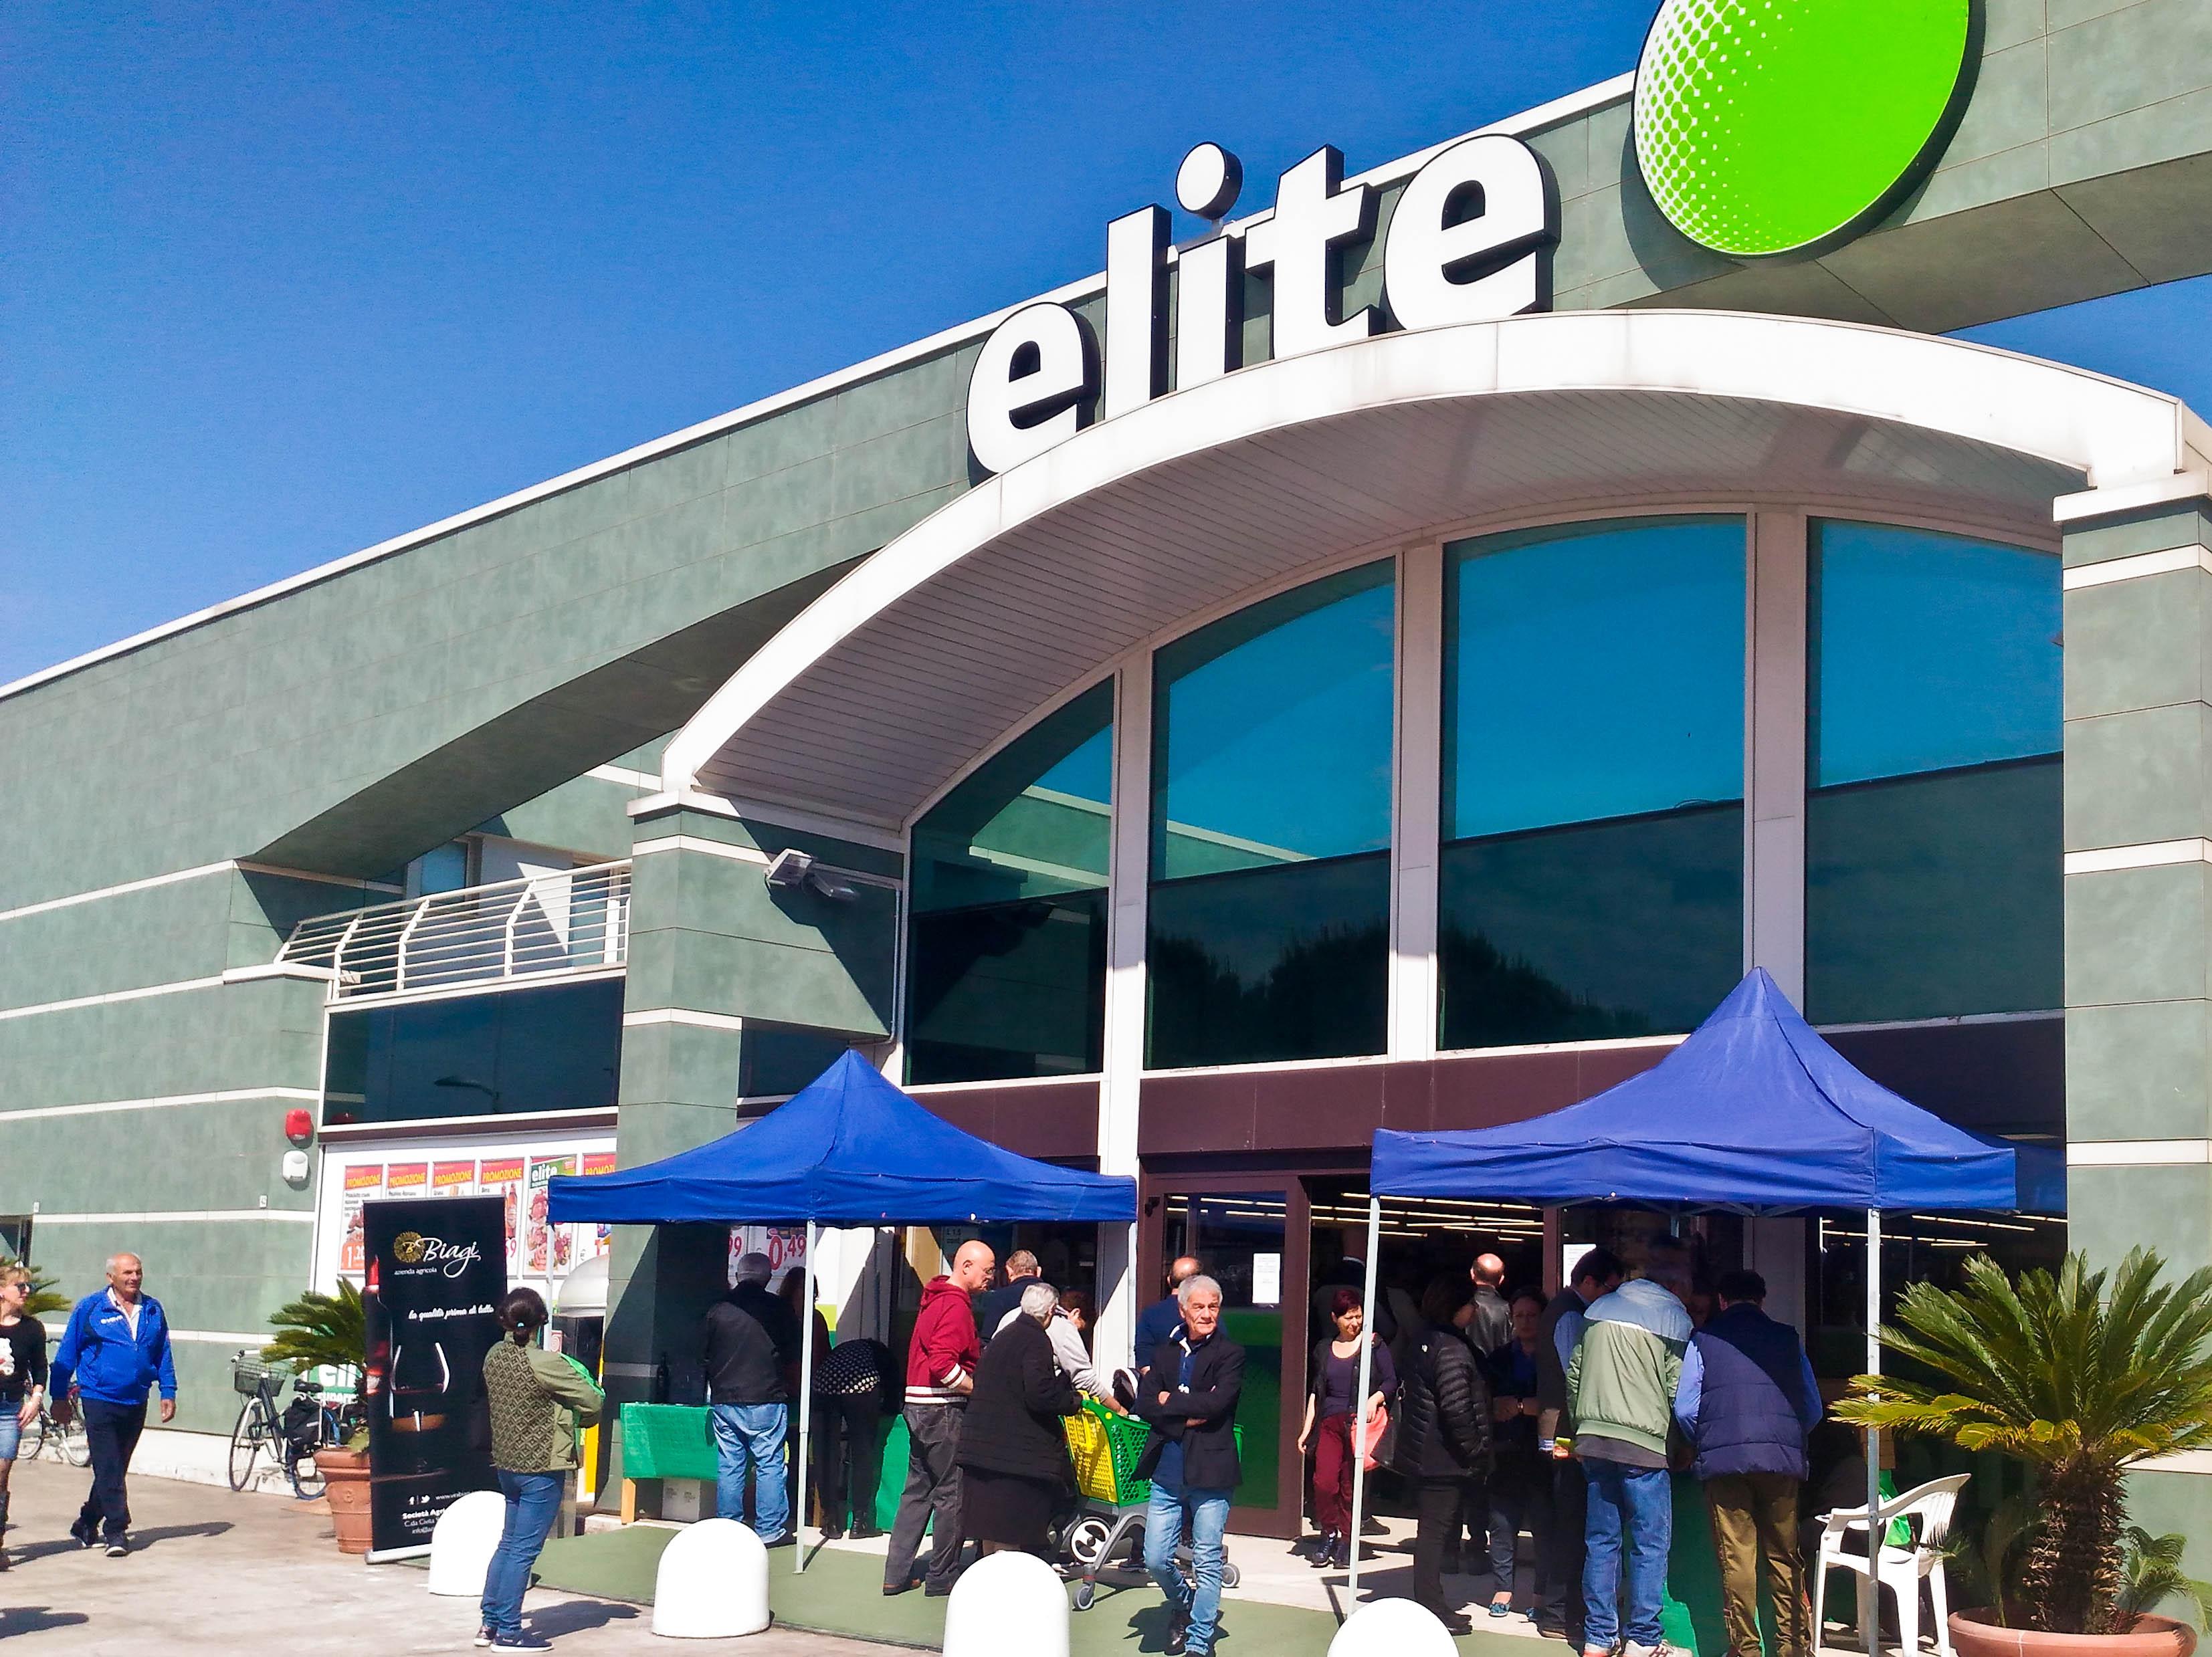 Nuova apertura: IBC per Super Elite a San Benedetto del Tronto. IBC ha curato l'apertura del nuovo pdv Super Elite gestendo l'installazione di Software e hardware